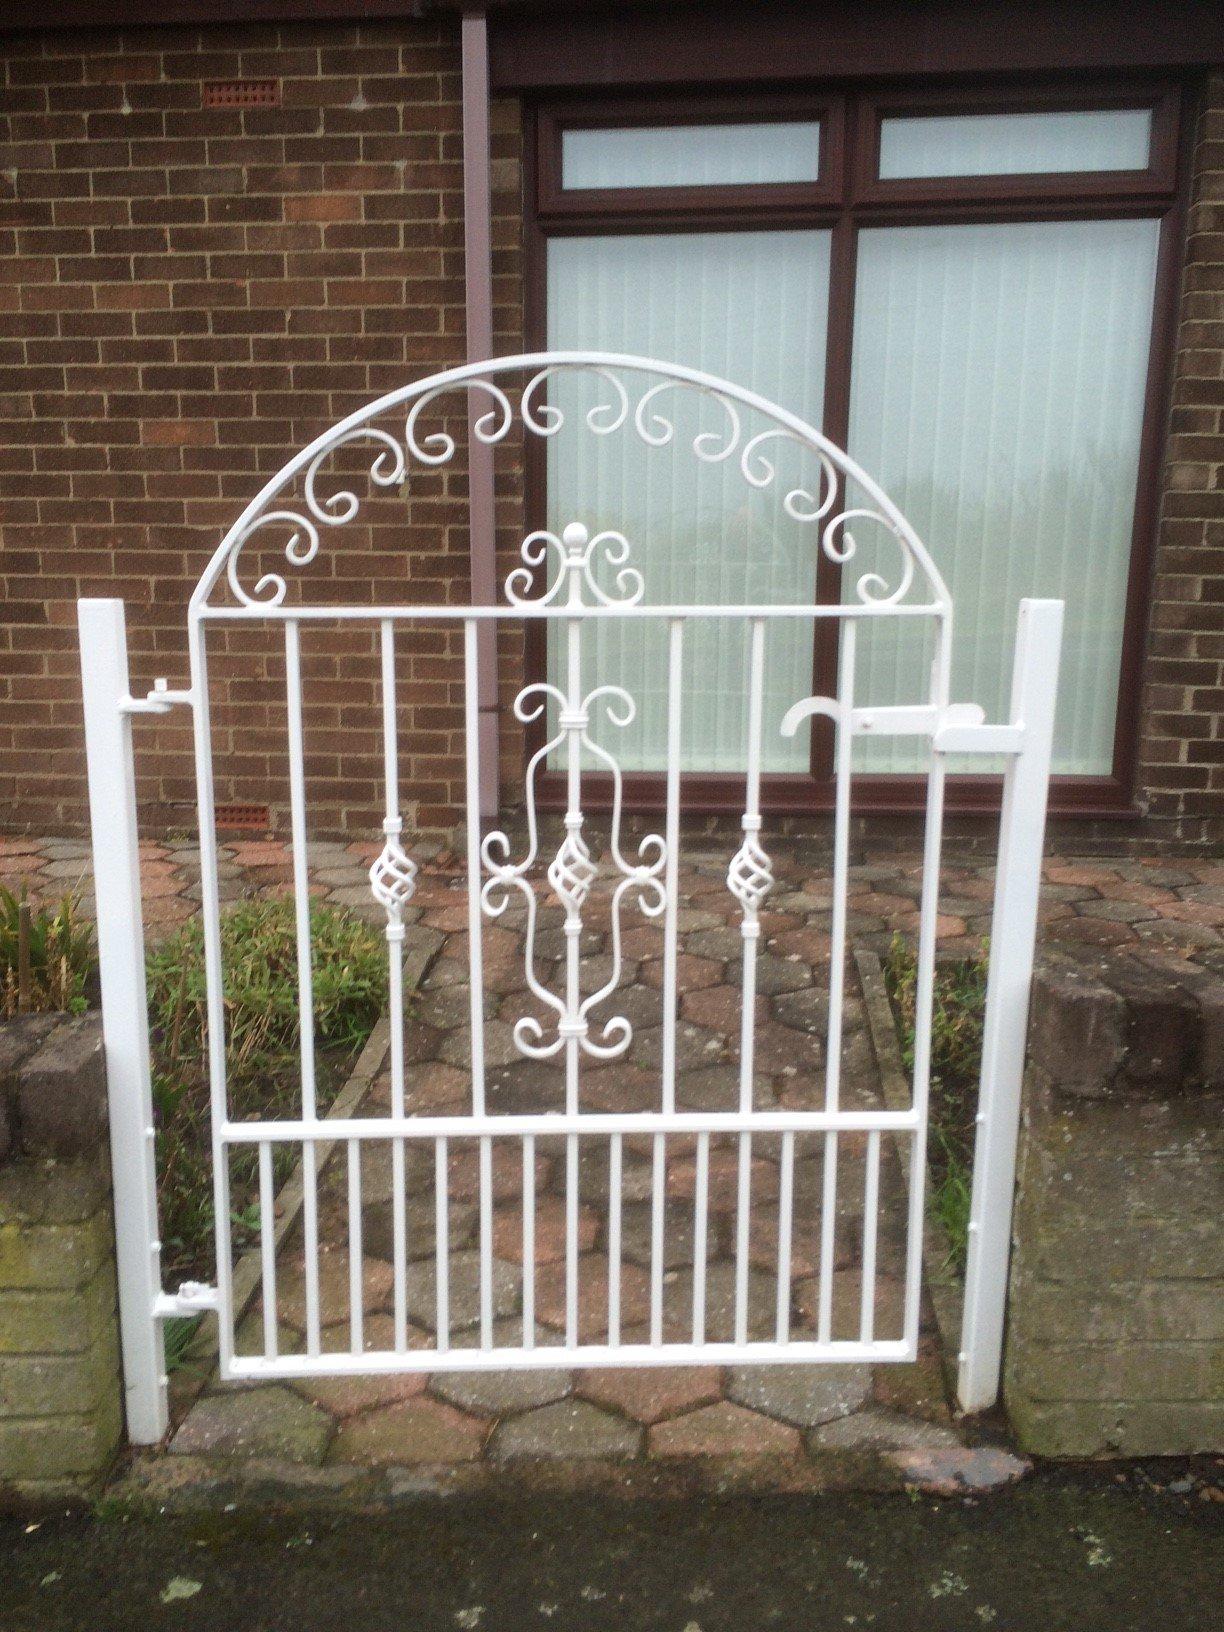 Meta gates